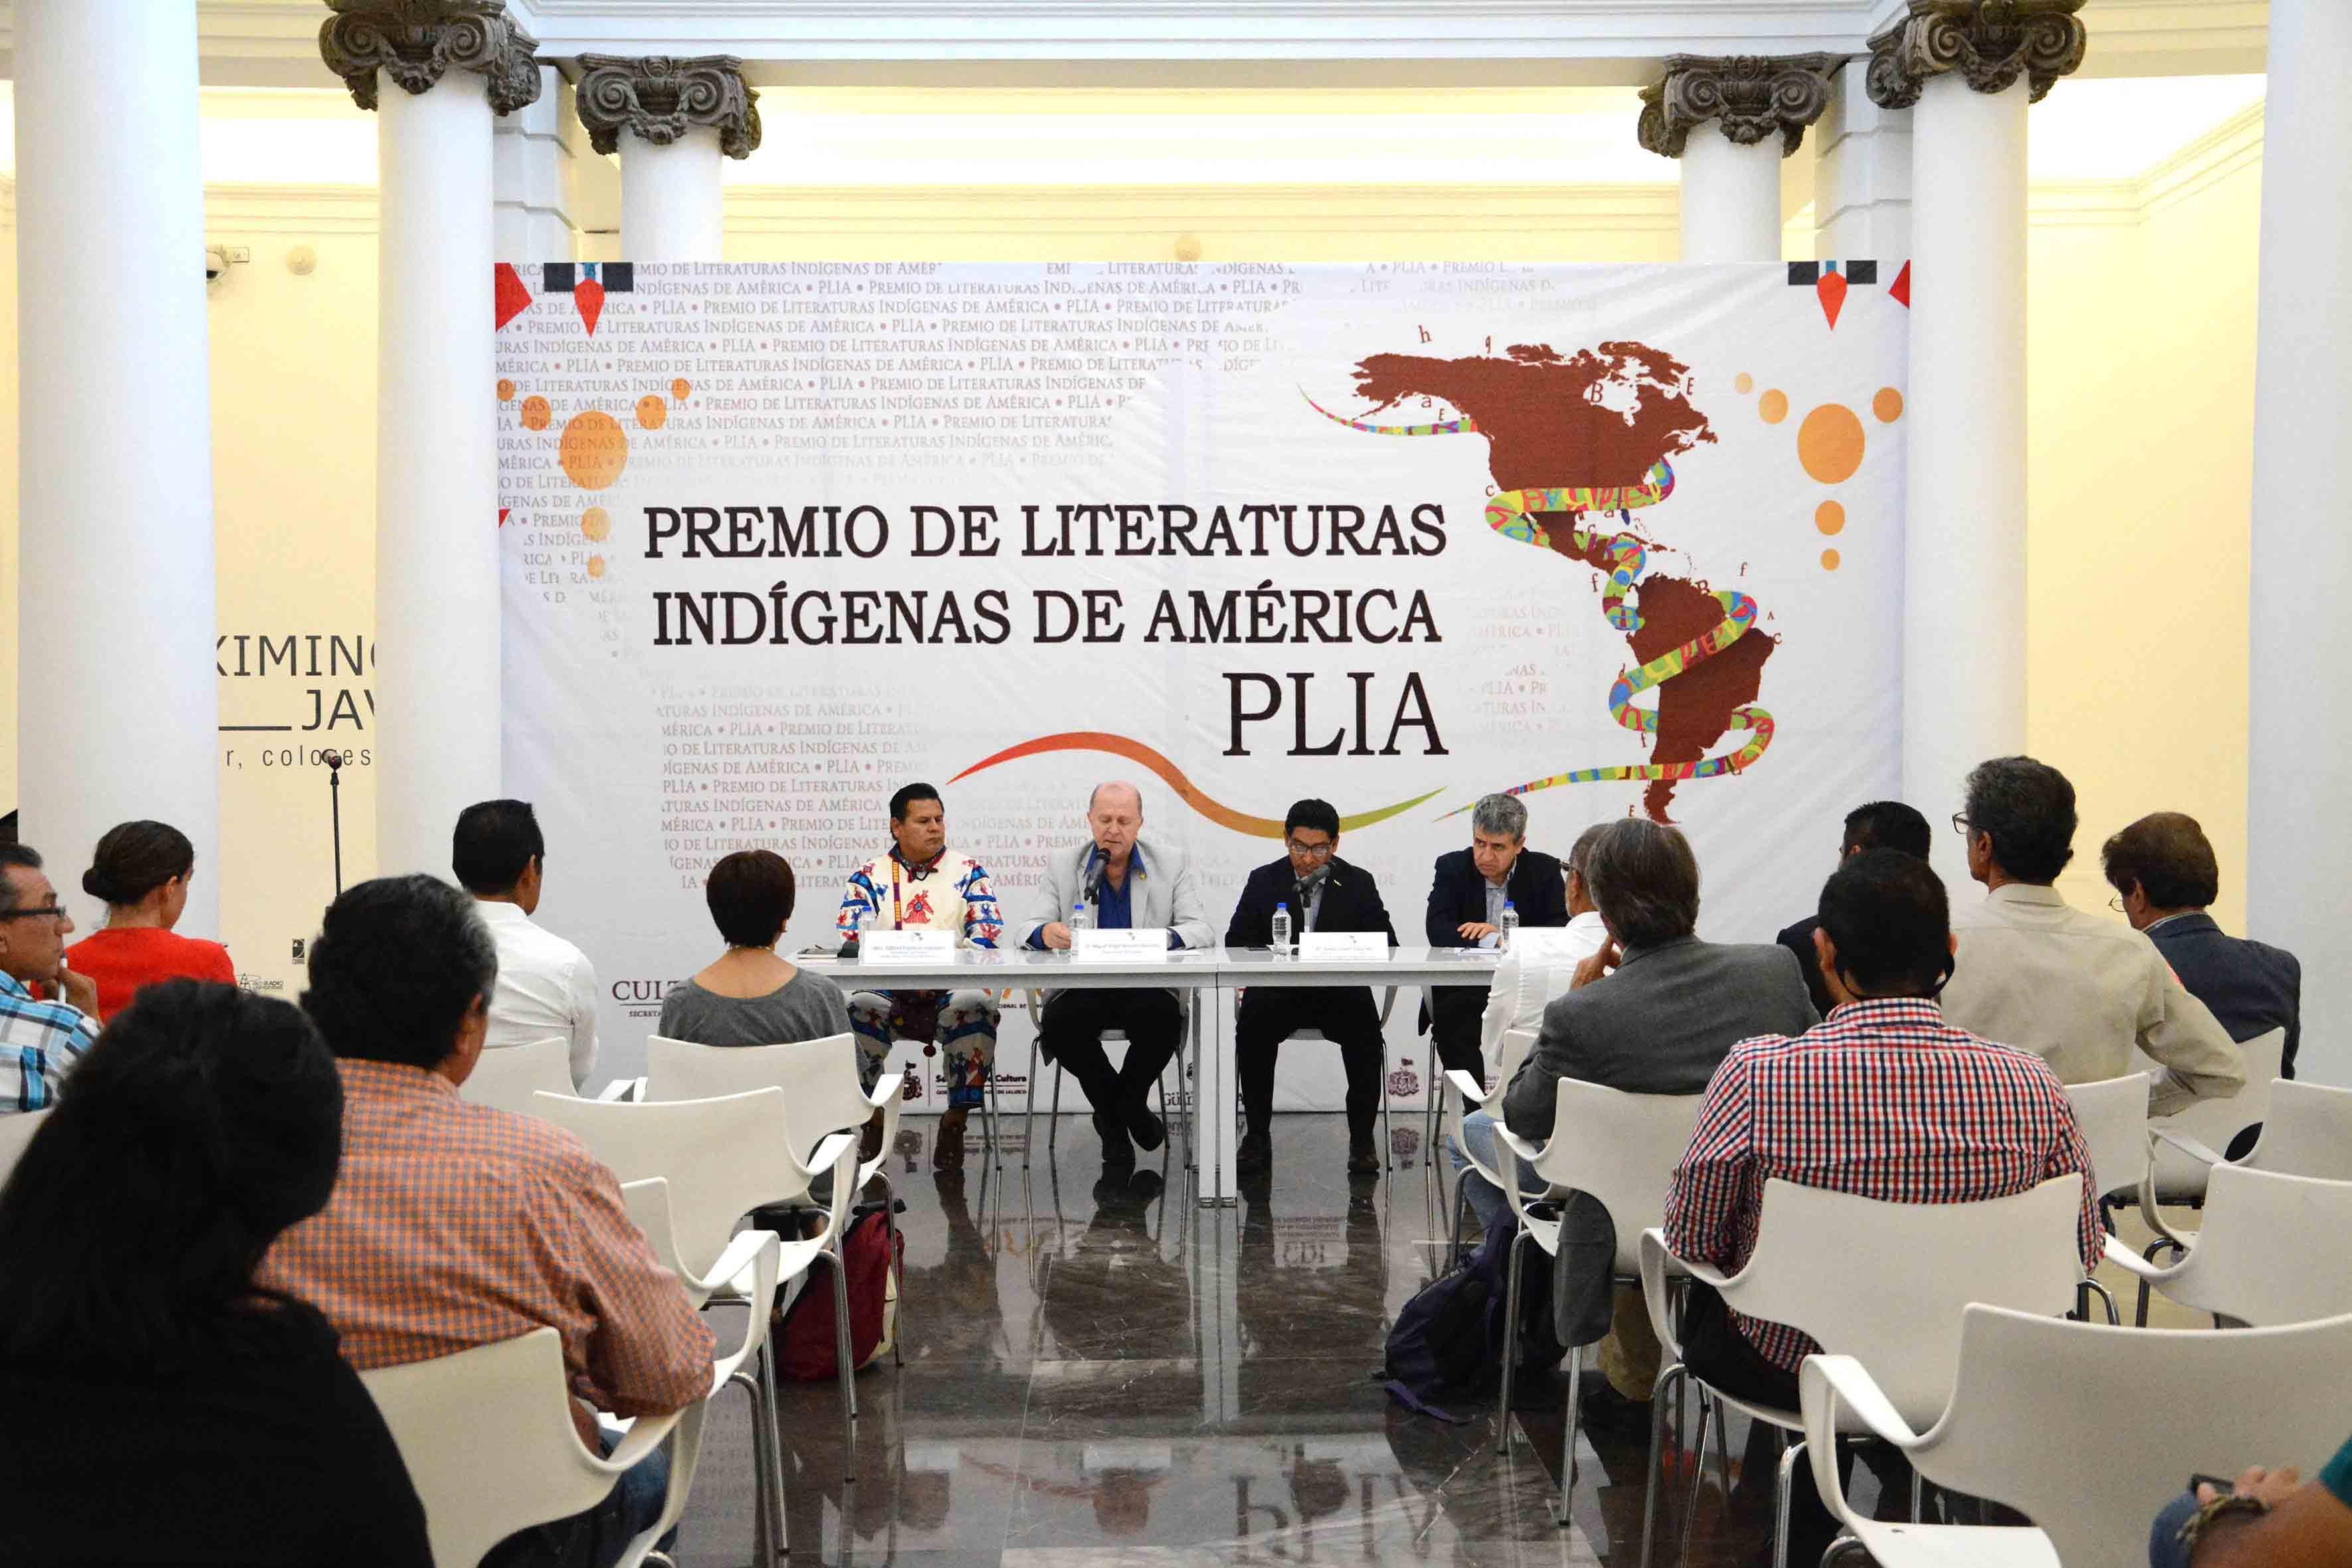 Rueda de prensa llevada a cabo en los pilares del MUSA y  encabezada por el doctor Miguel Ángel Navarro Navarro, Vicerrector Ejecutivo de la UdeG, en representación del Rector General.